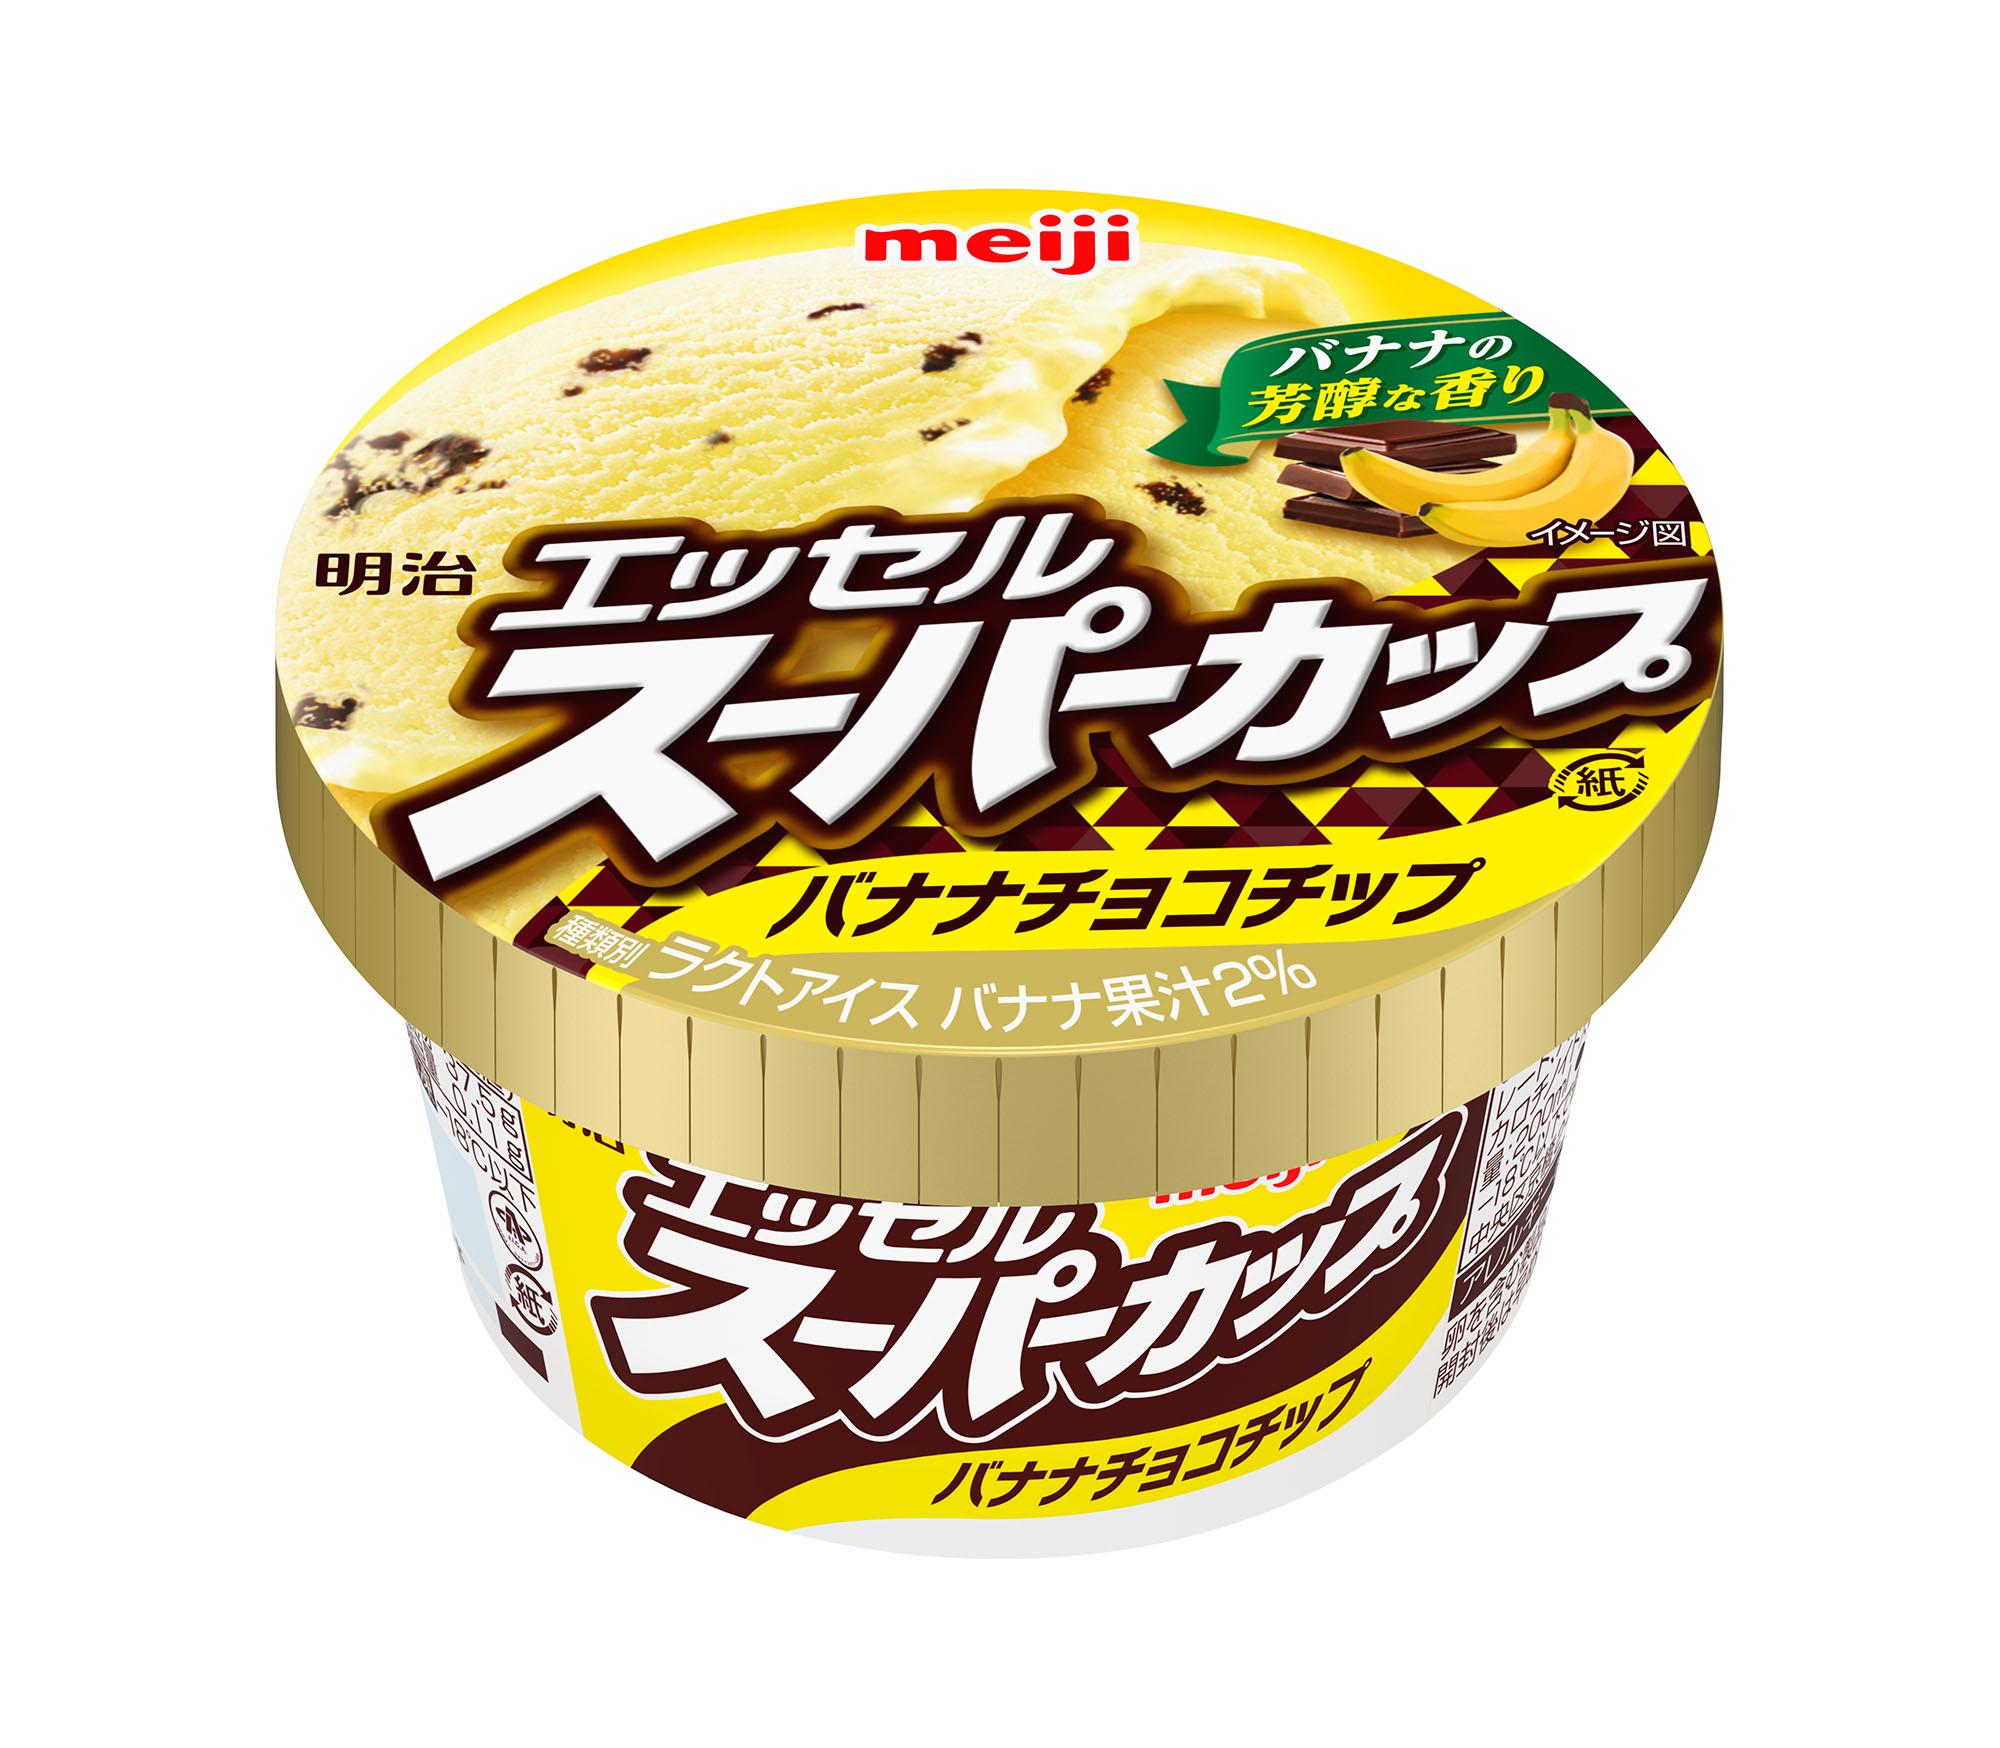 「明治 エッセル スーパーカップ バナナチョコチップ」を発売 バナナ果汁配合のアイスとチョコチップの組み合わせ 画像1